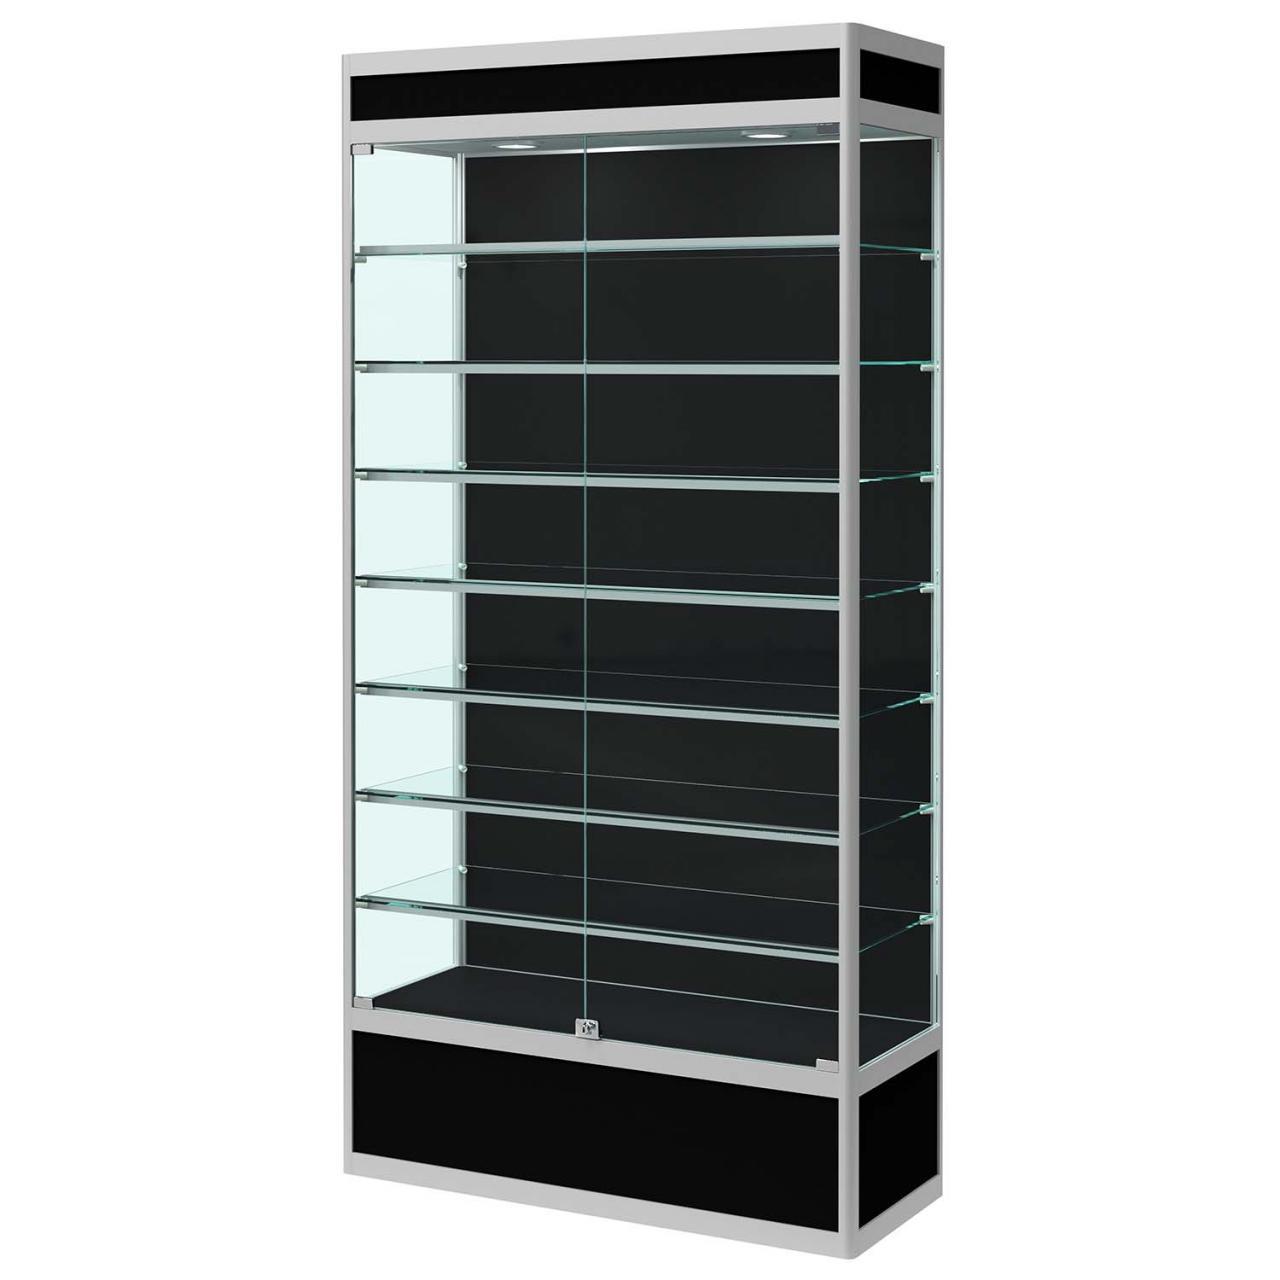 Табачная витрина ВПКД-100.40Т